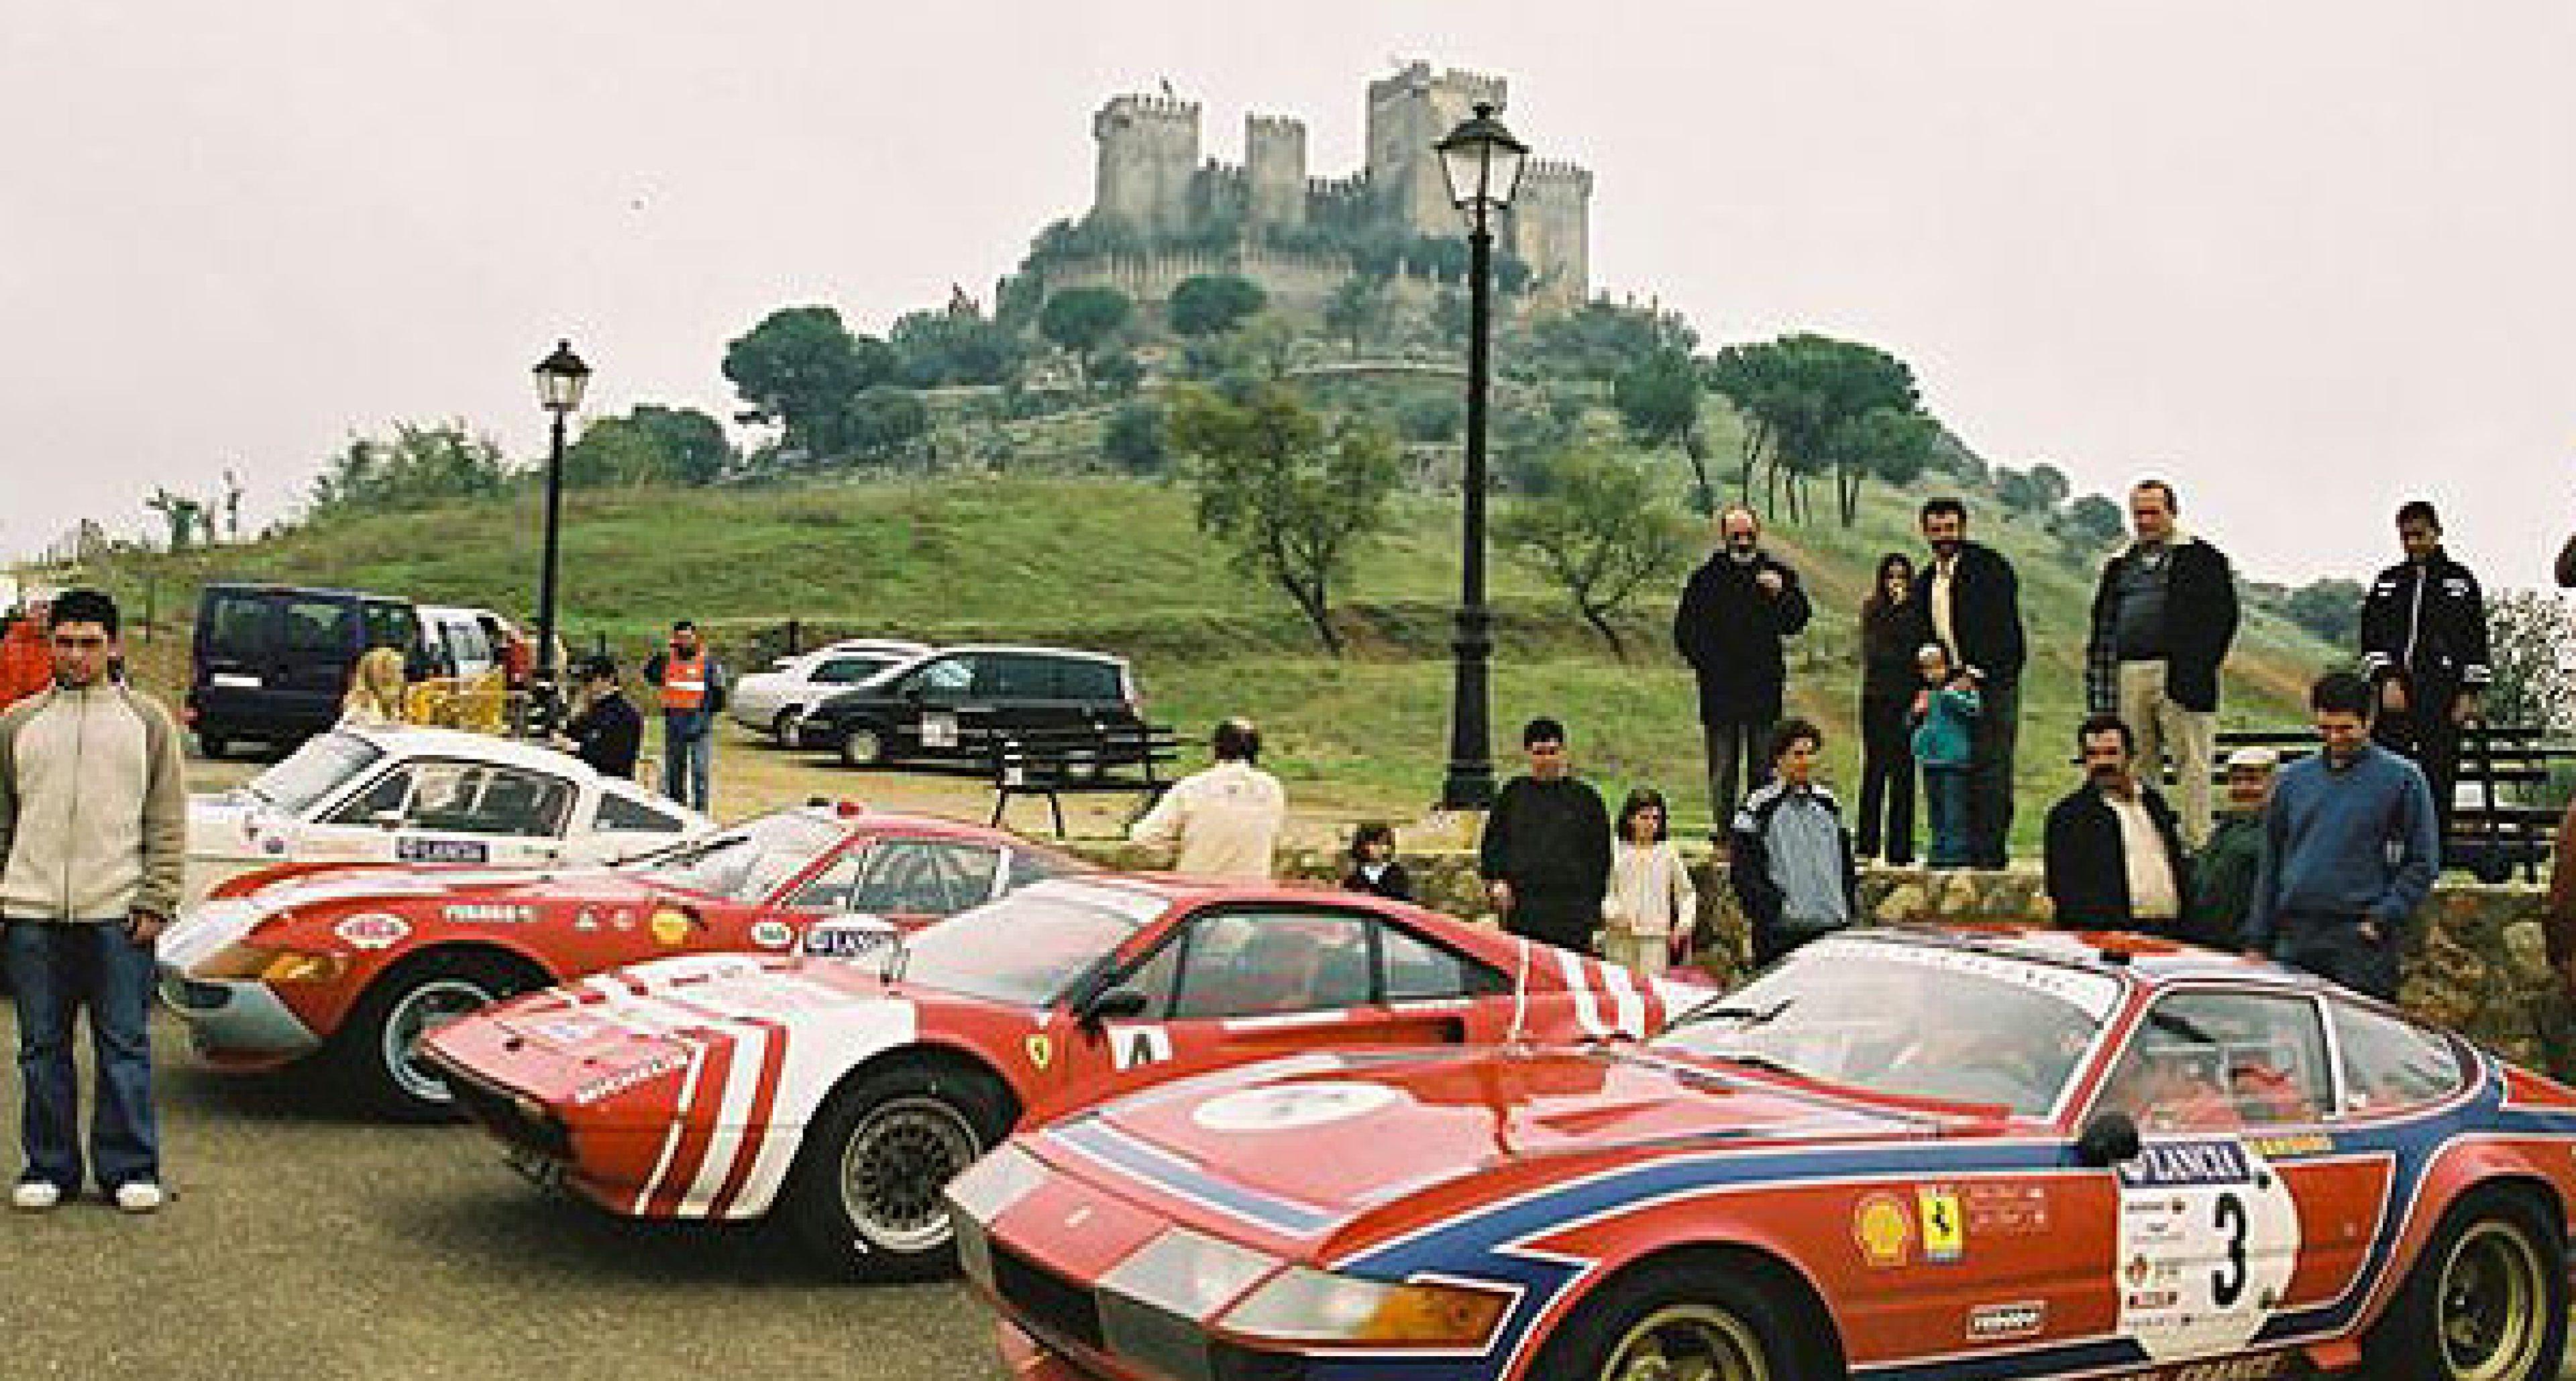 5th Tour de España - November 2003